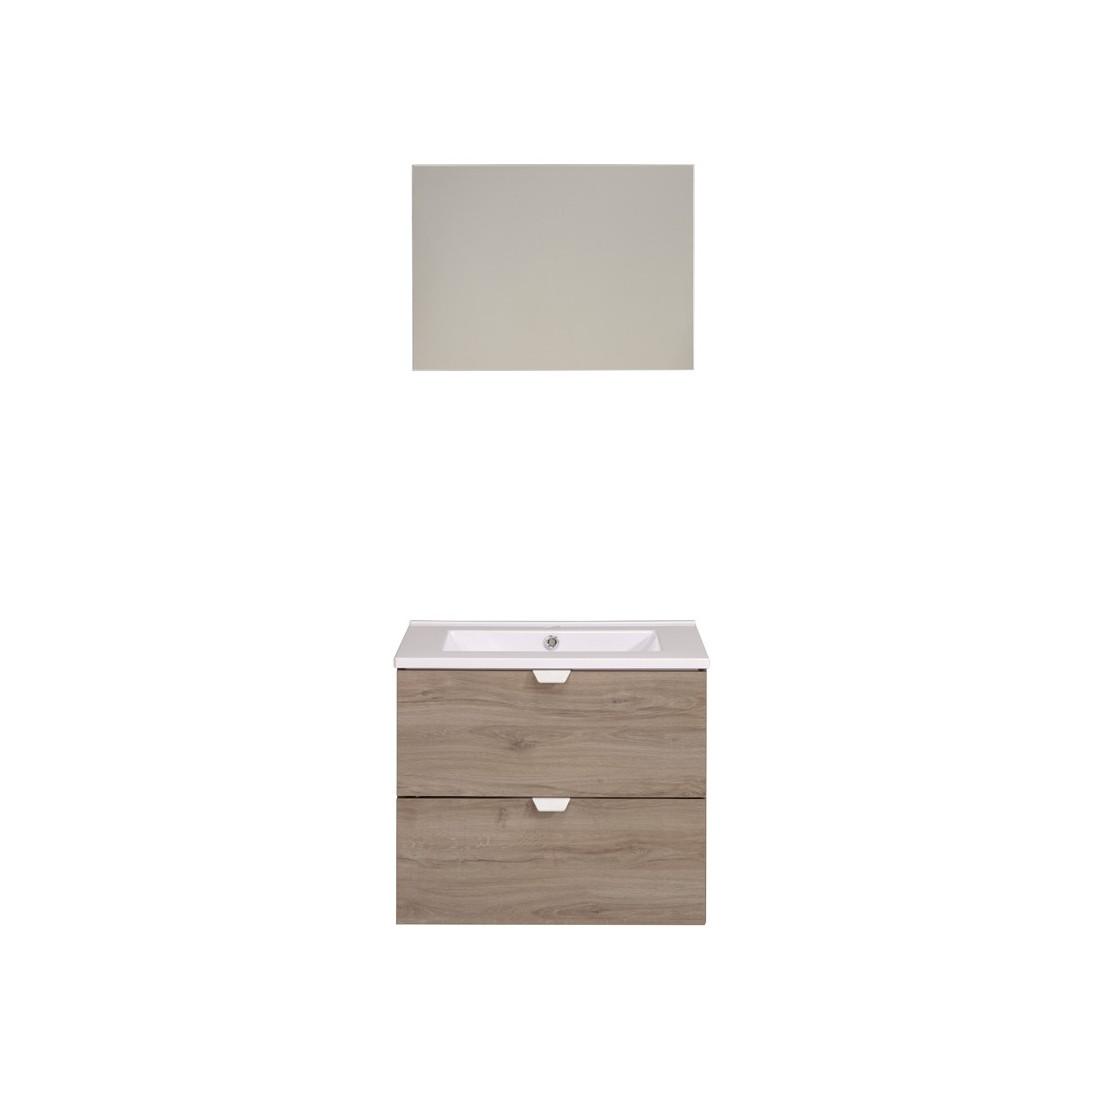 Ensemble complet meubles salle de bain uriel n 3 salle de bain - Meuble salle de bain complet ...